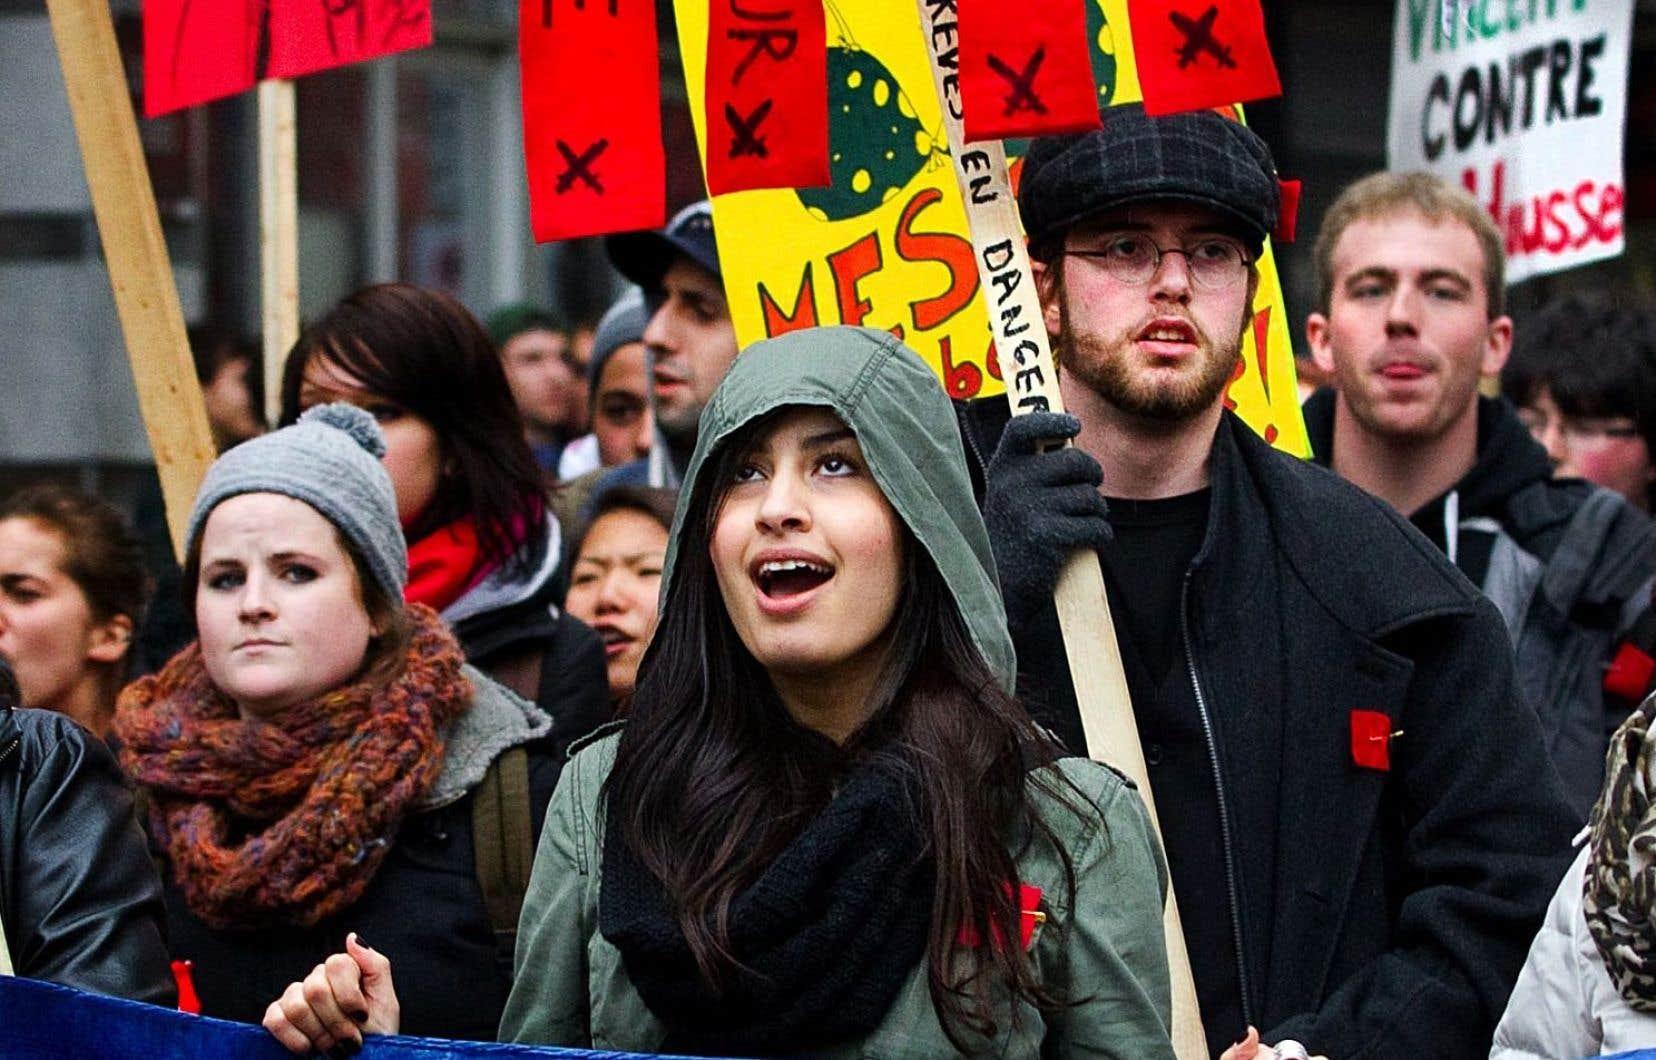 Les conservateurs de gauche valorisent une résistance commune dans la lutte contre l'injustice sociale, rejetant ainsi les autres luttes (féministe, étudiante,etc.), jugées secondaires.